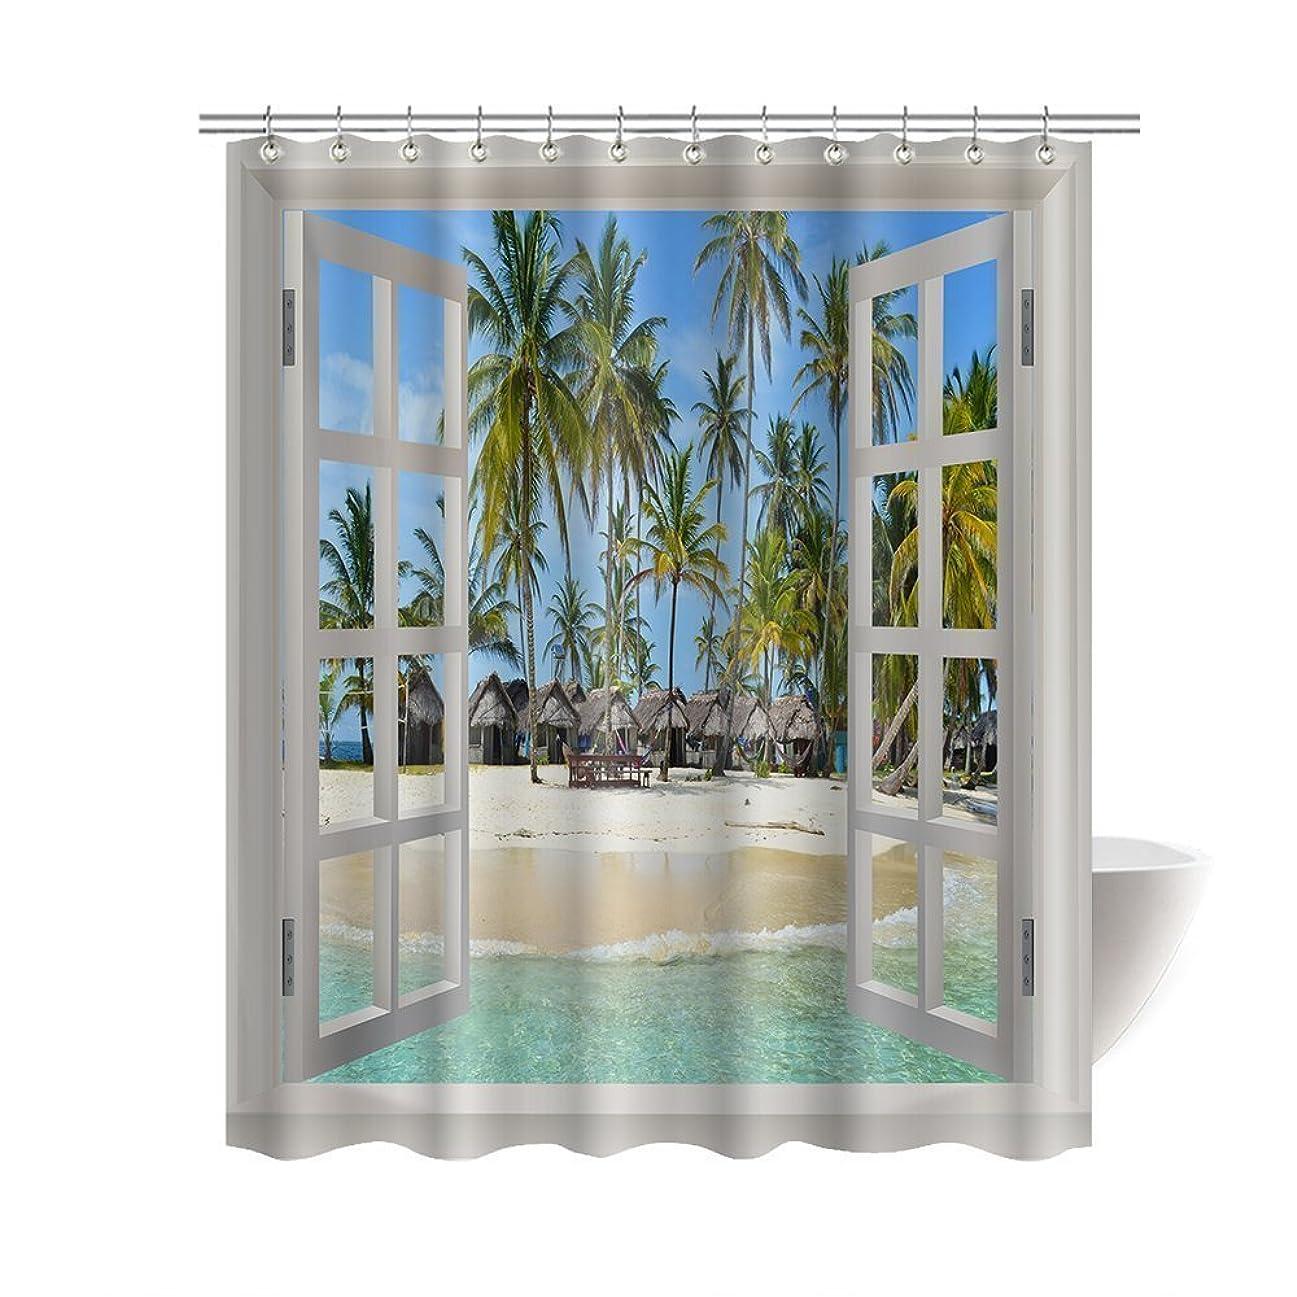 レガシーブラウザ三十シャワーカーテン ブルー モルディブ 休暇島 ヤシ樹 インテリア おしゃれ カーテン バスカーテン 幅90×丈180cm